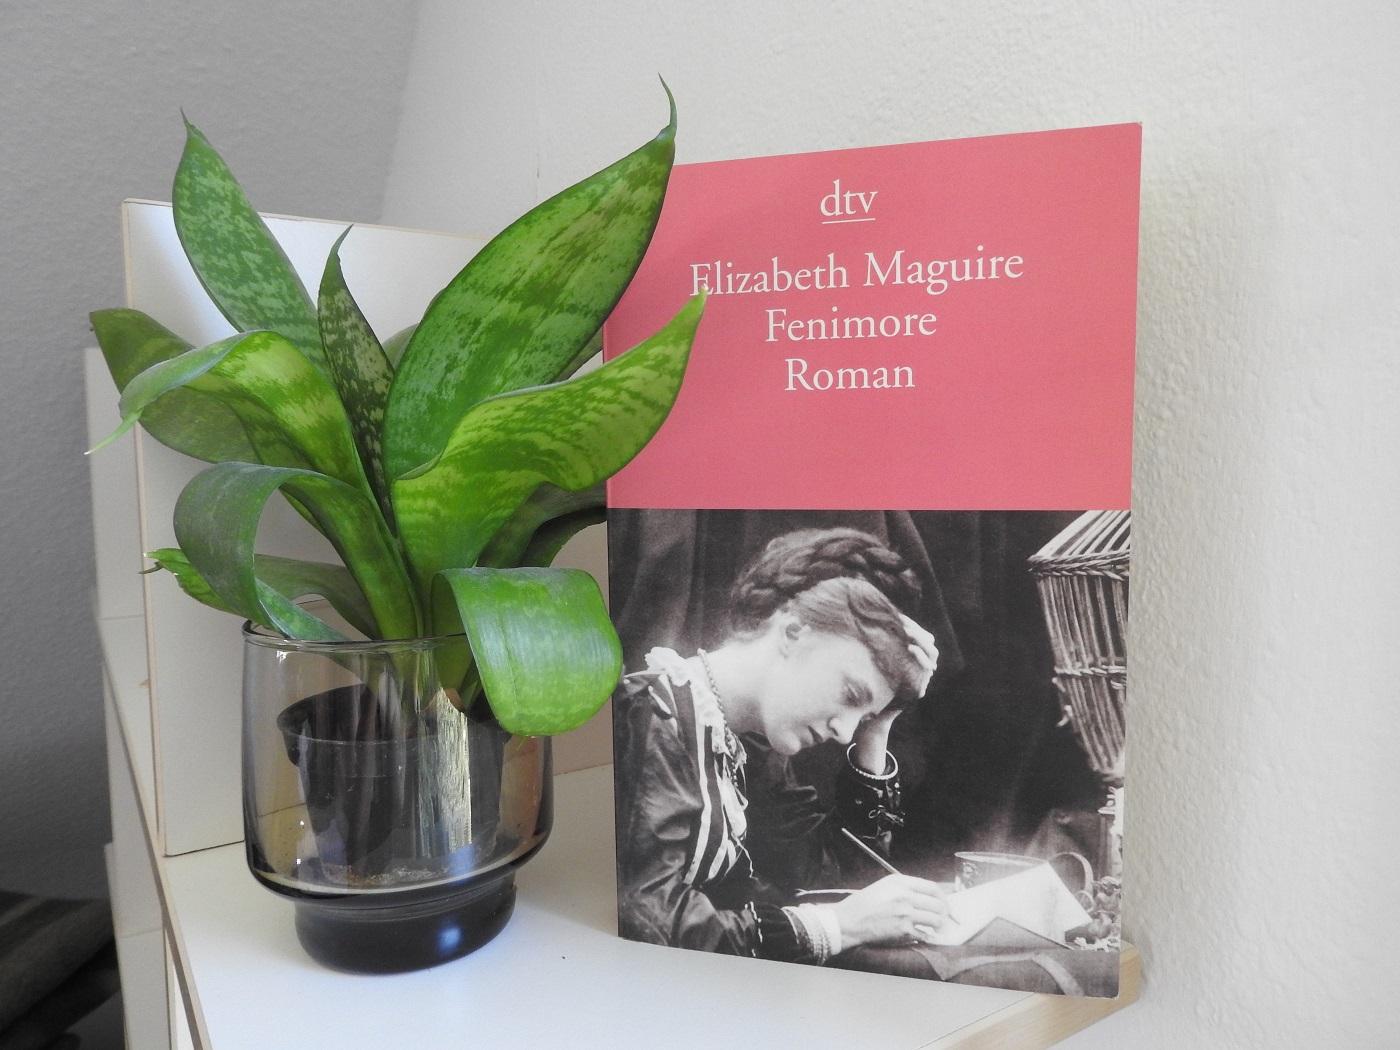 Fenimore von Elizabeth Maguire